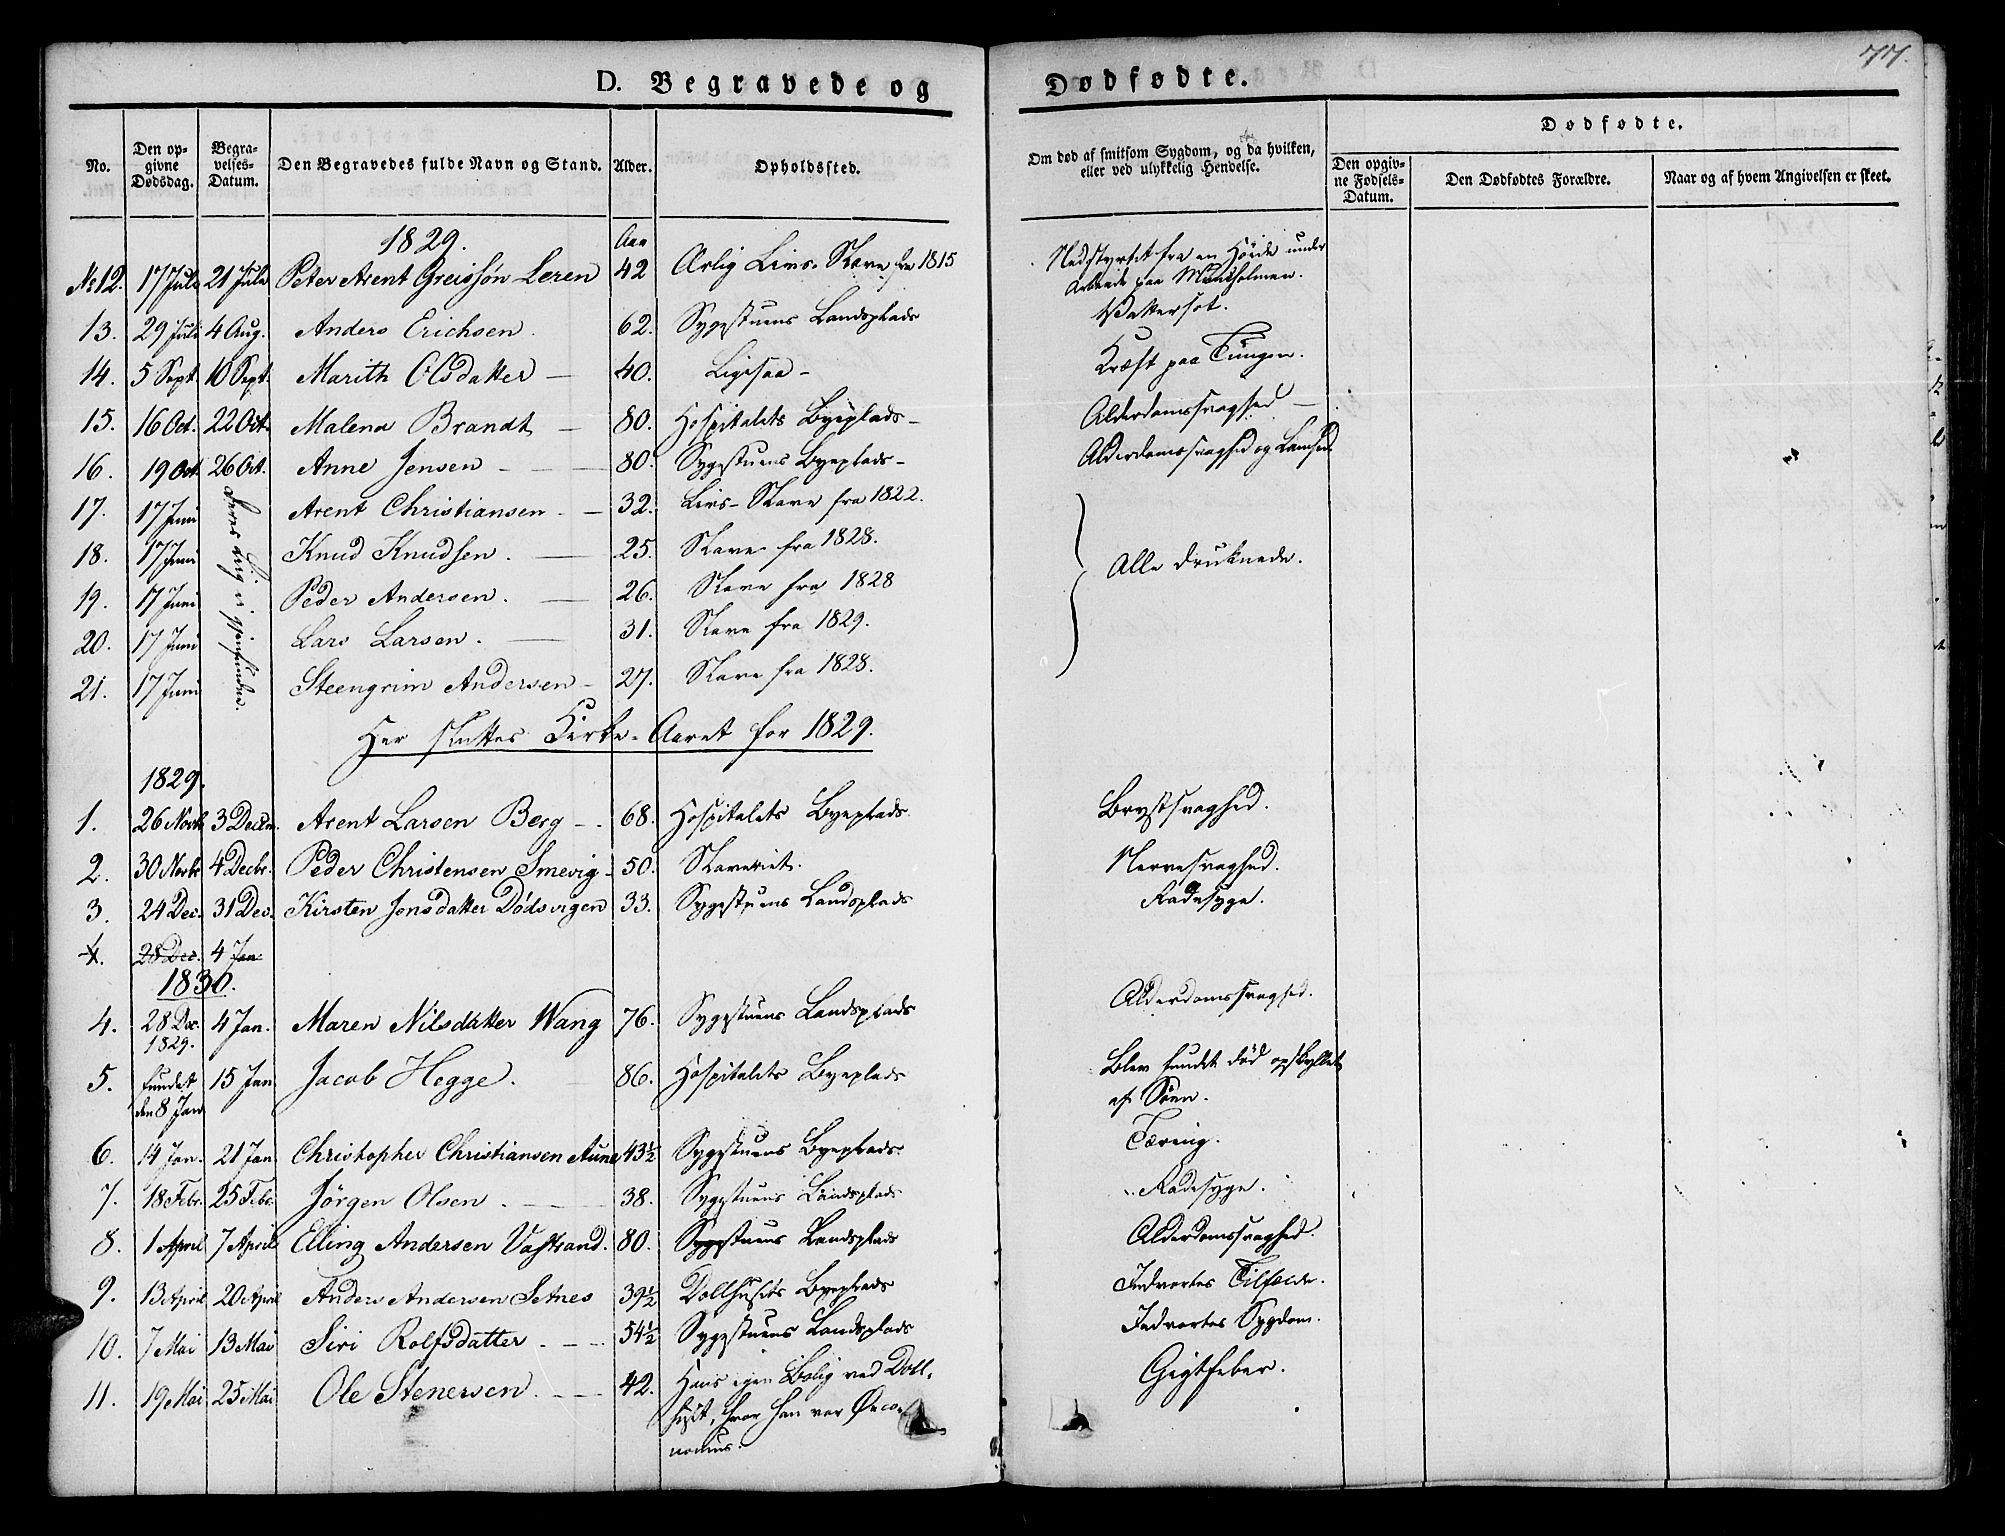 SAT, Ministerialprotokoller, klokkerbøker og fødselsregistre - Sør-Trøndelag, 623/L0468: Ministerialbok nr. 623A02, 1826-1867, s. 77